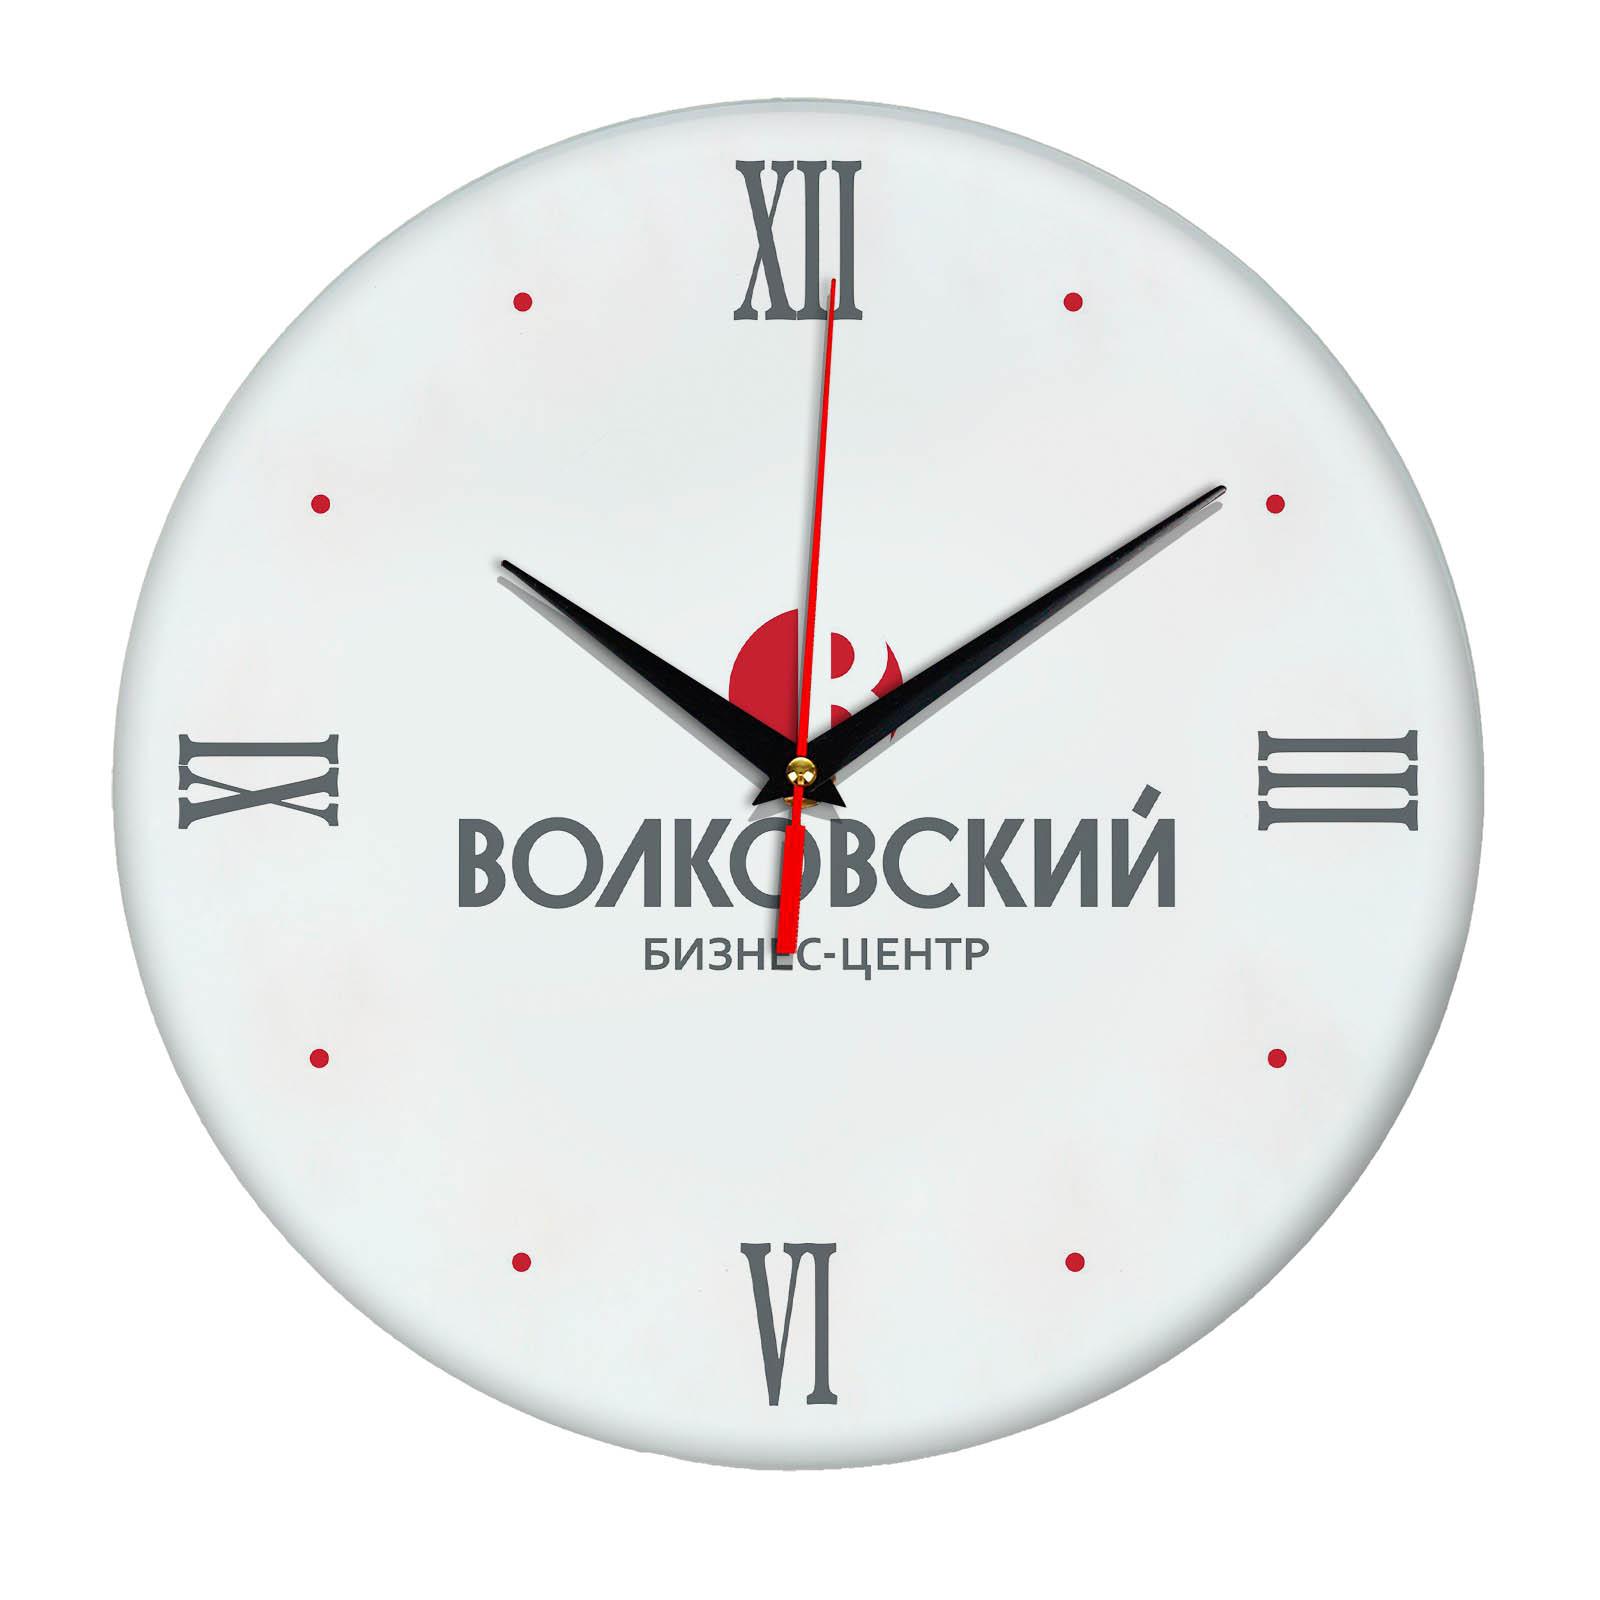 Настенные часы «voljski_bc»